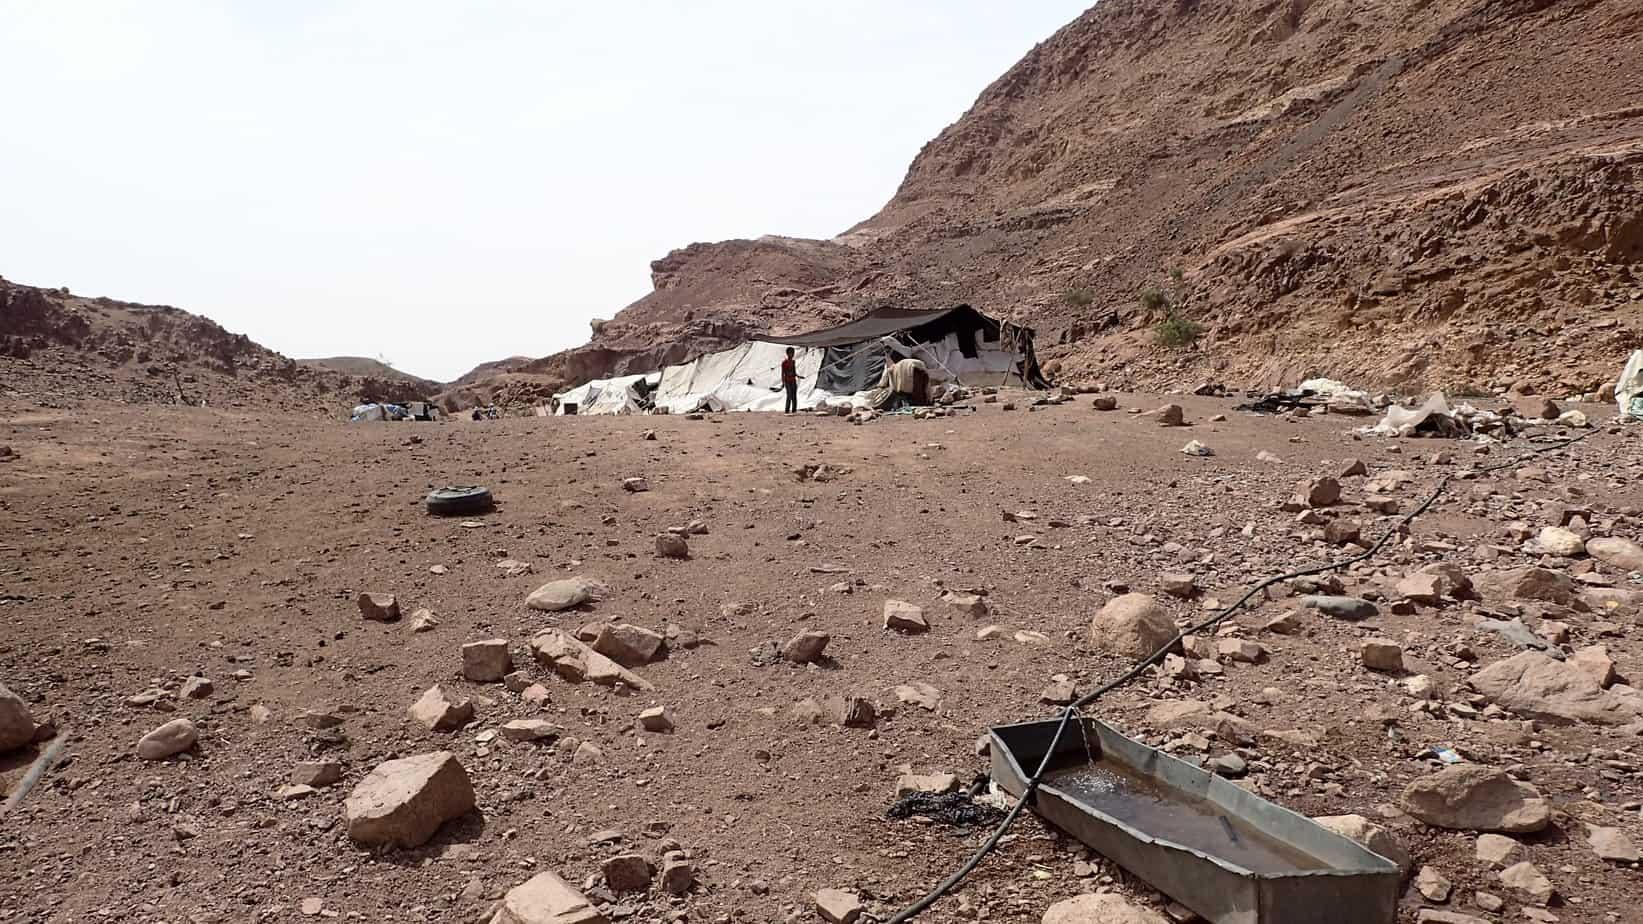 Bedouin tent in Jordan desert